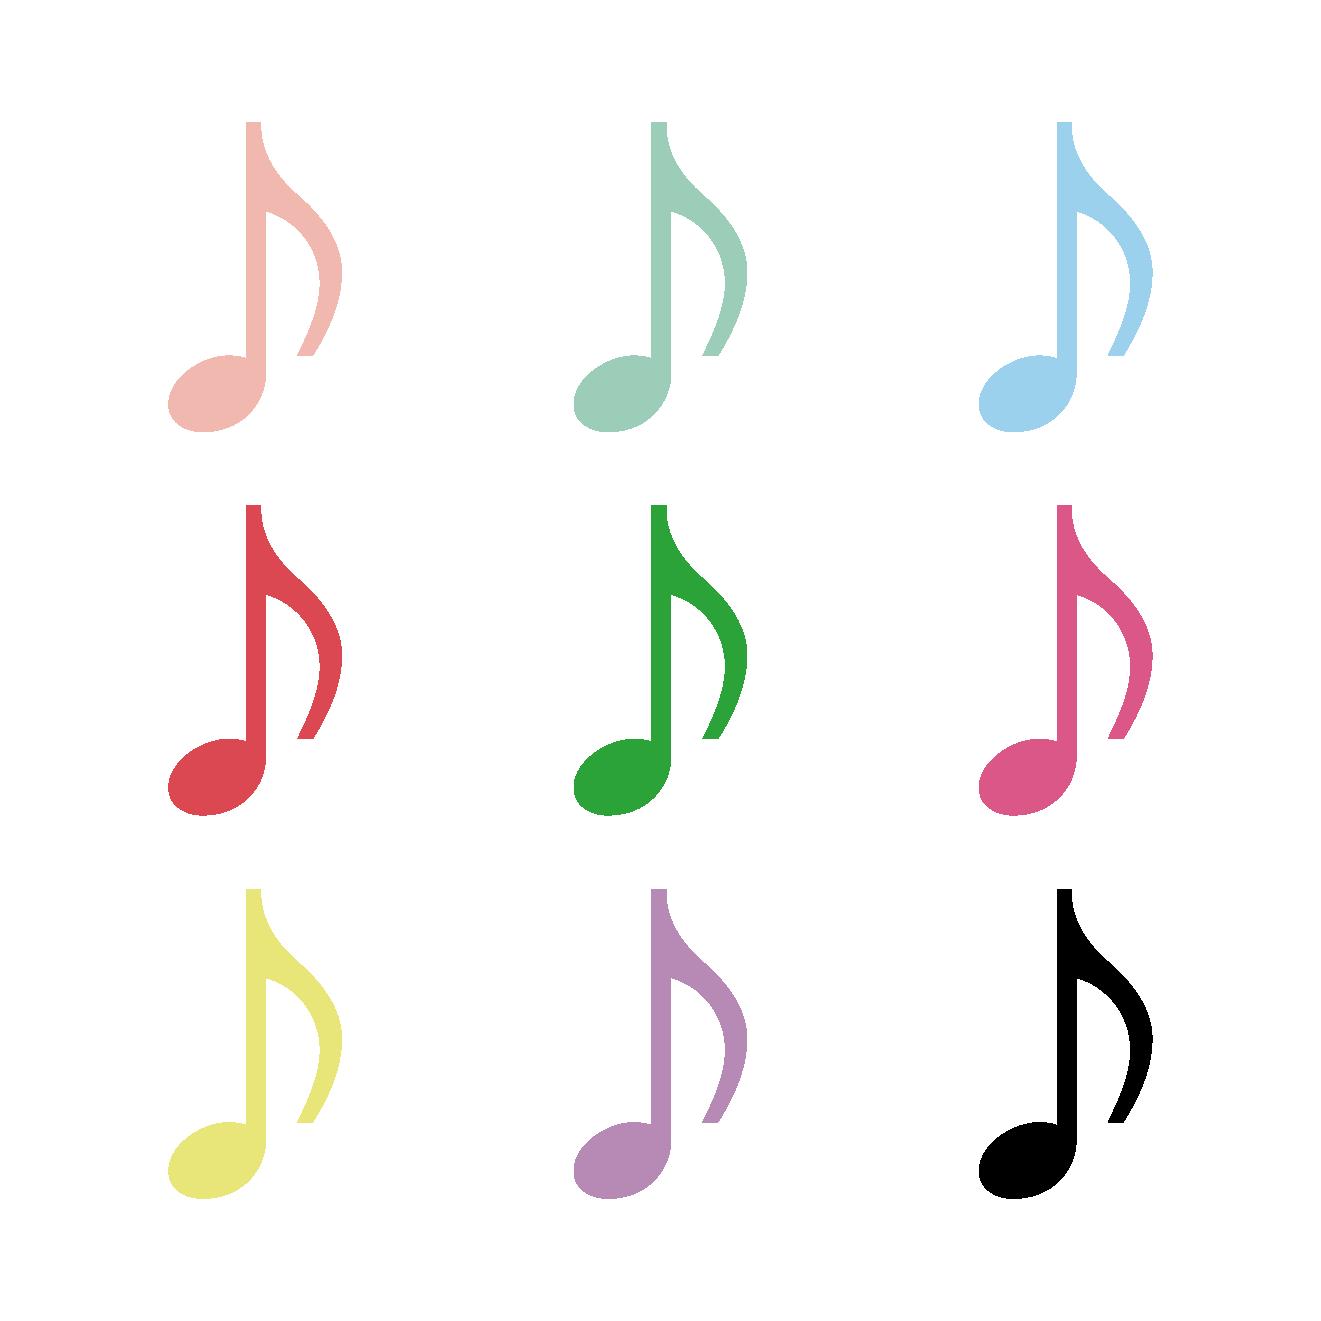 8分音符はちぶおんぷのイラスト音楽 商用フリー無料の